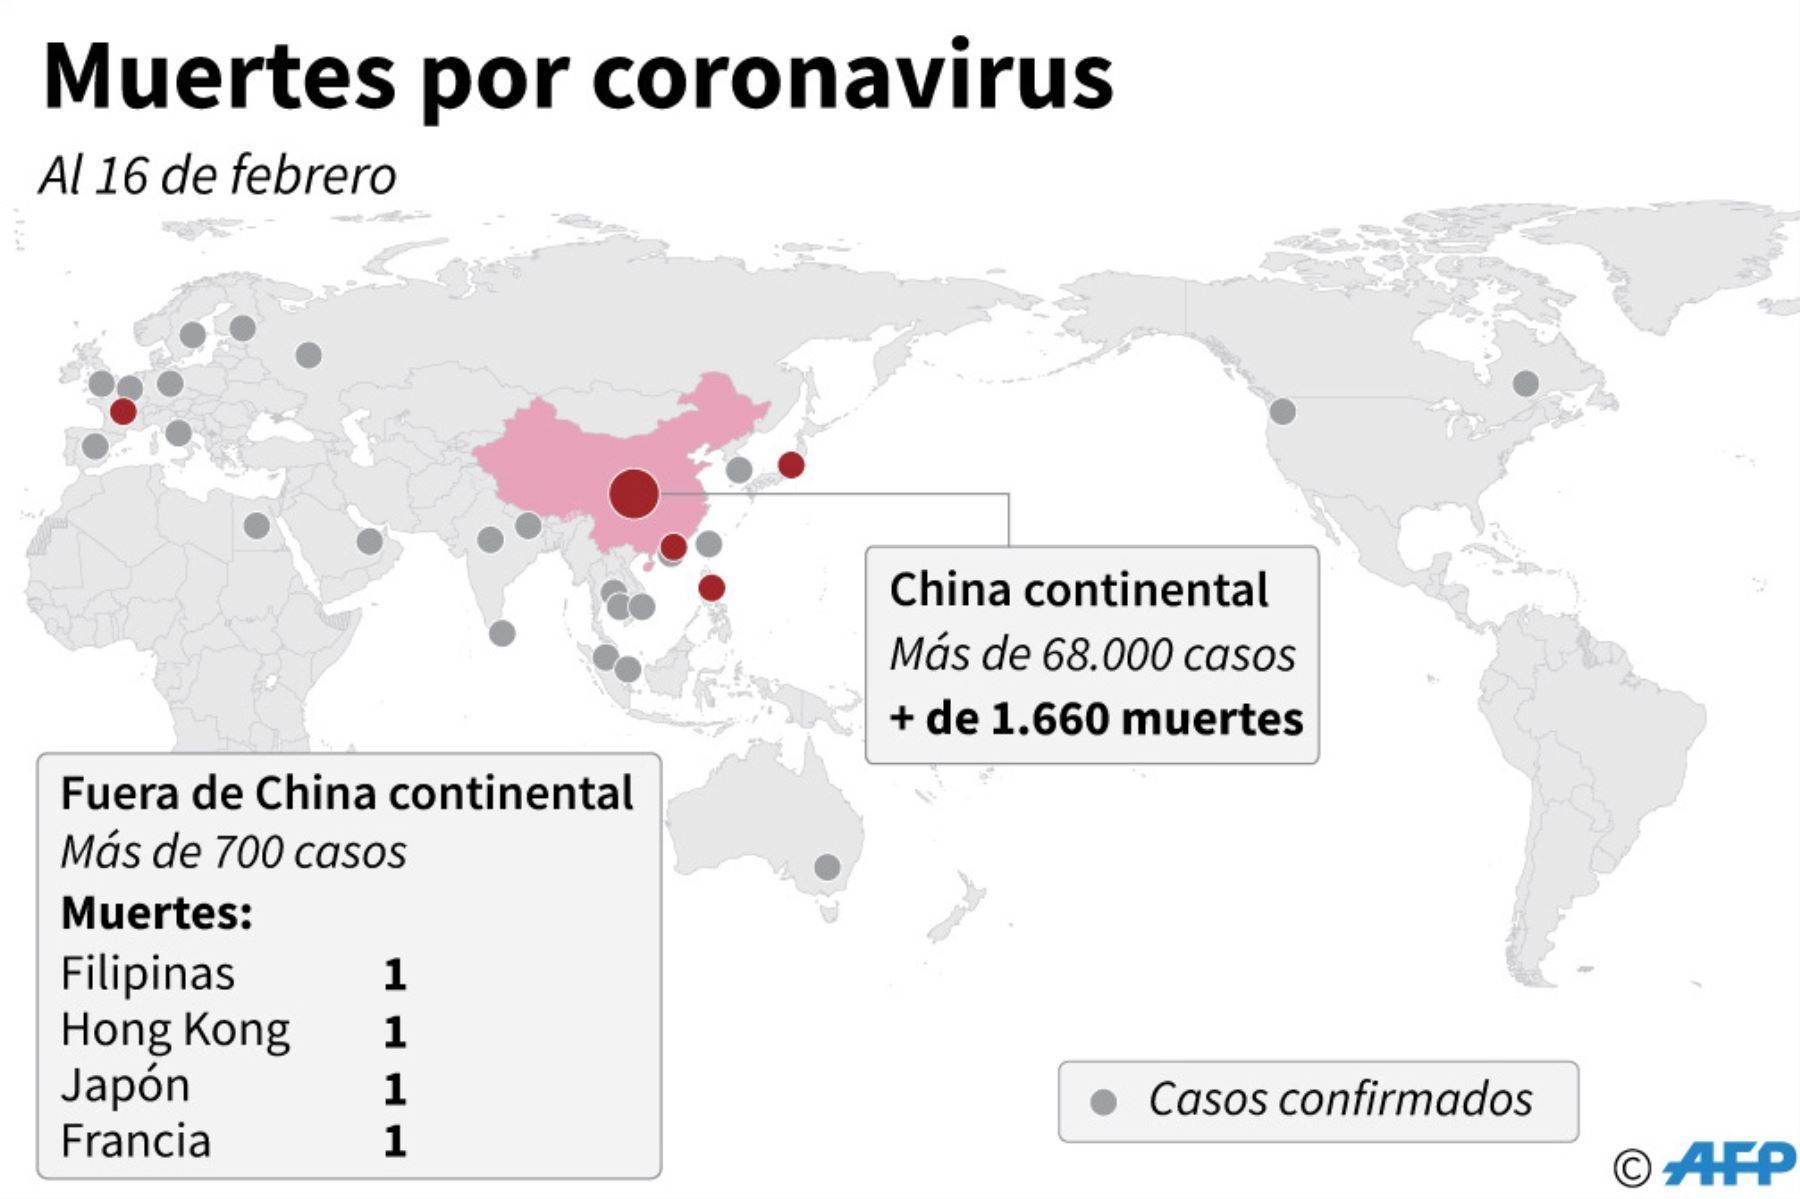 Según el último balance anunciado el domingo por las autoridades chinas, la neumonía viral Covid-19 provocó la muerte de 1,665 personas, la mayoría en la provincia de Hubei, donde se declaró en diciembre.